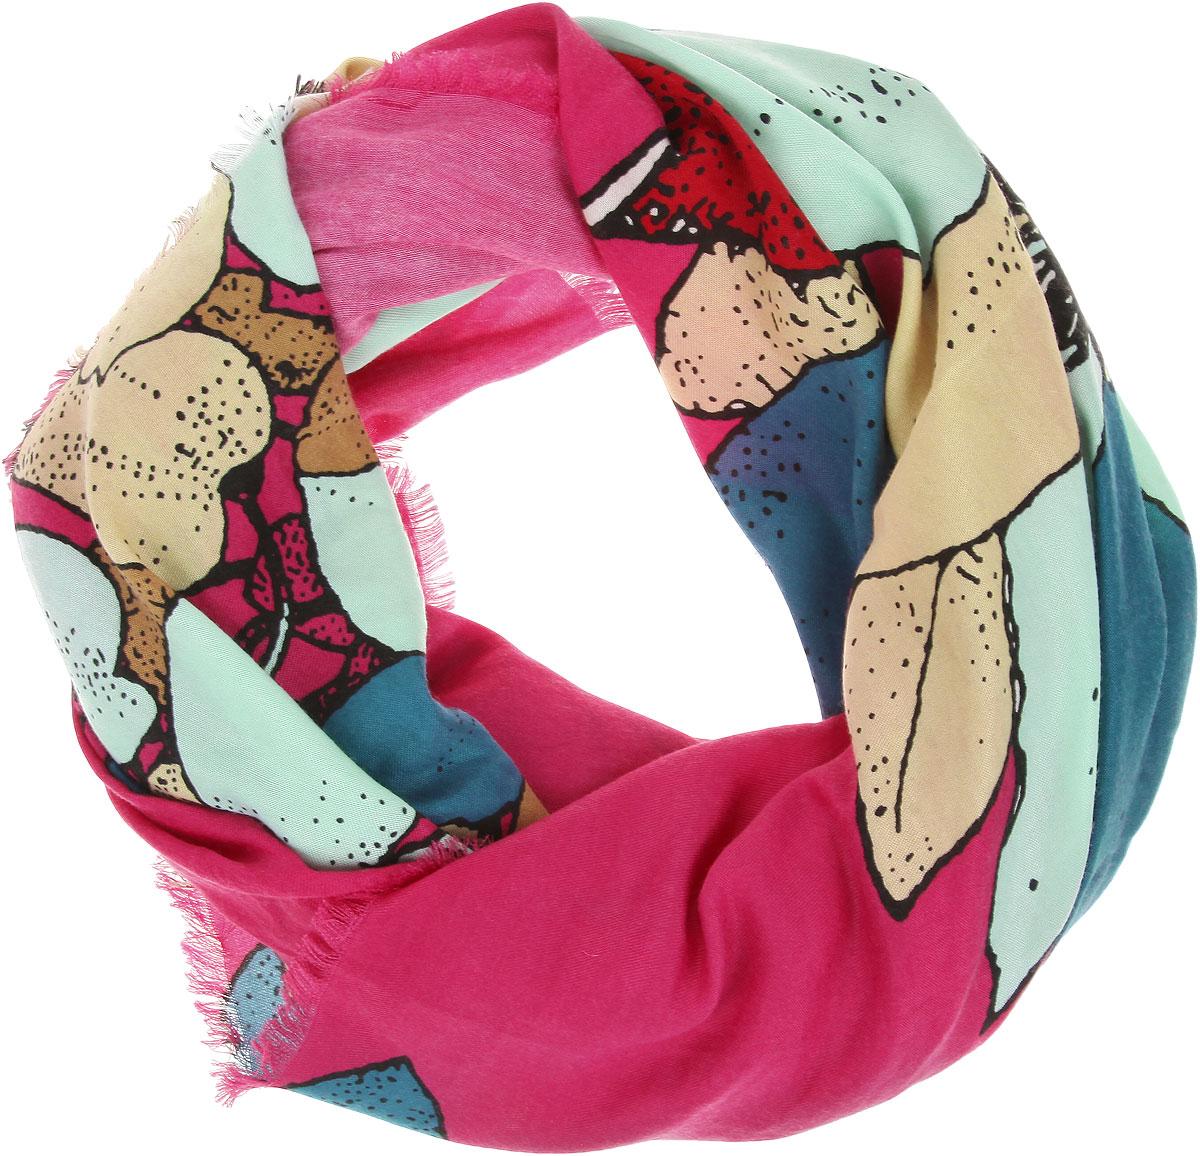 ПлатокBH-11522-15Великолепный платок Sophie Ramage станет изысканным аксессуаром, который подчеркнет ваши индивидуальность и очарование. Платок изготовлен из модала с добавлением кашемира и оформлен эффектным цветочным узором. Края модели украшены короткой бахромой. Платок Sophie Ramage станет вашим верным спутником, а окружающие обязательно будут обращать свое восторженное внимание на вас.